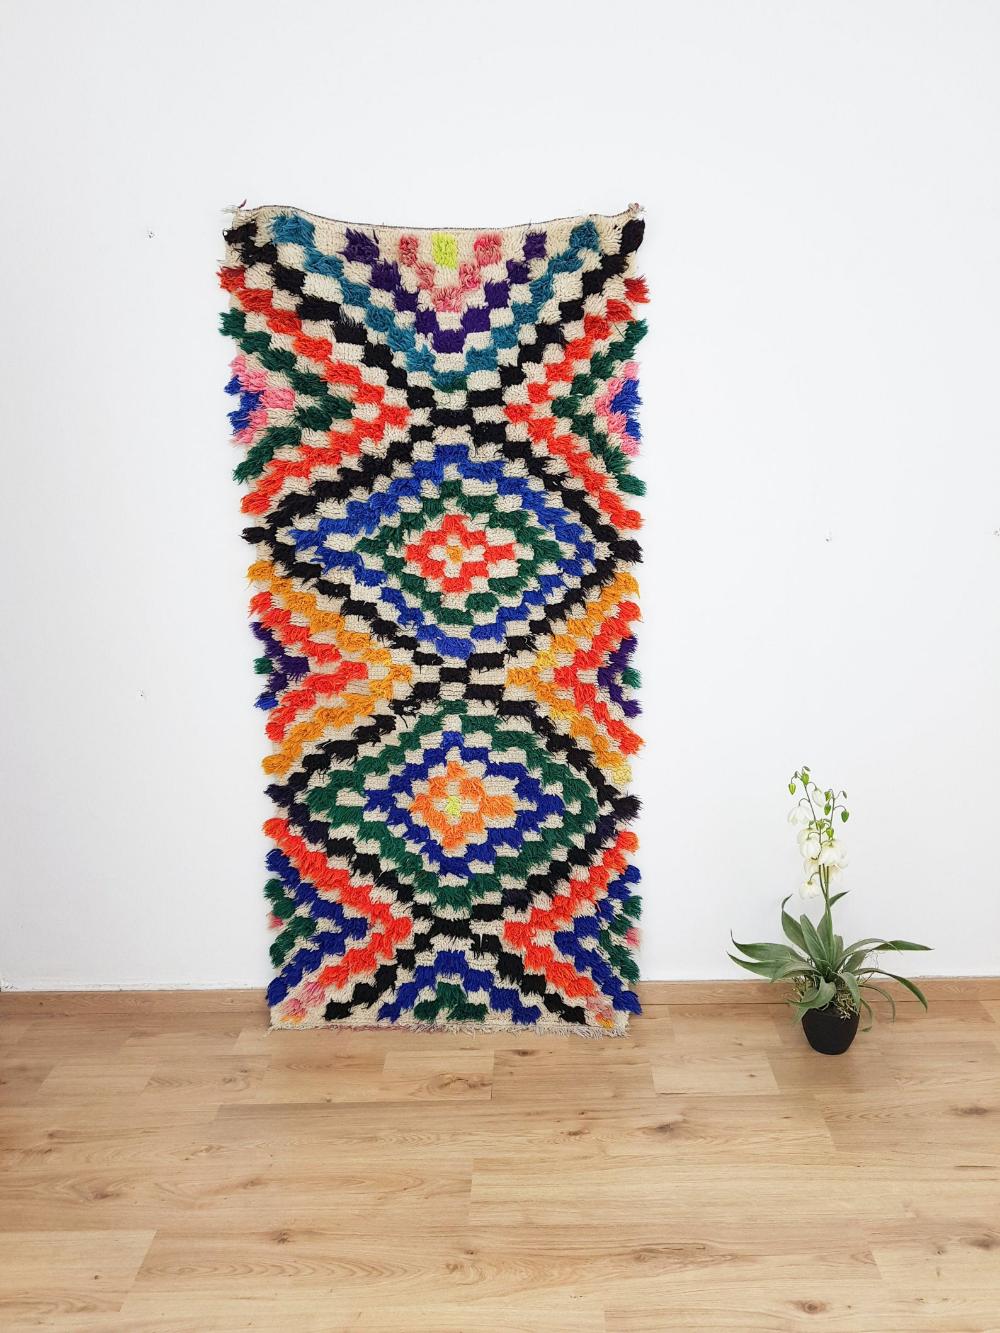 Moroccan boucherouite Rug – Berber carpet, moroccan Rug, vintage Rug,Bohemian Rug ,boucharouite rug 2.07 x 0,93 Meters